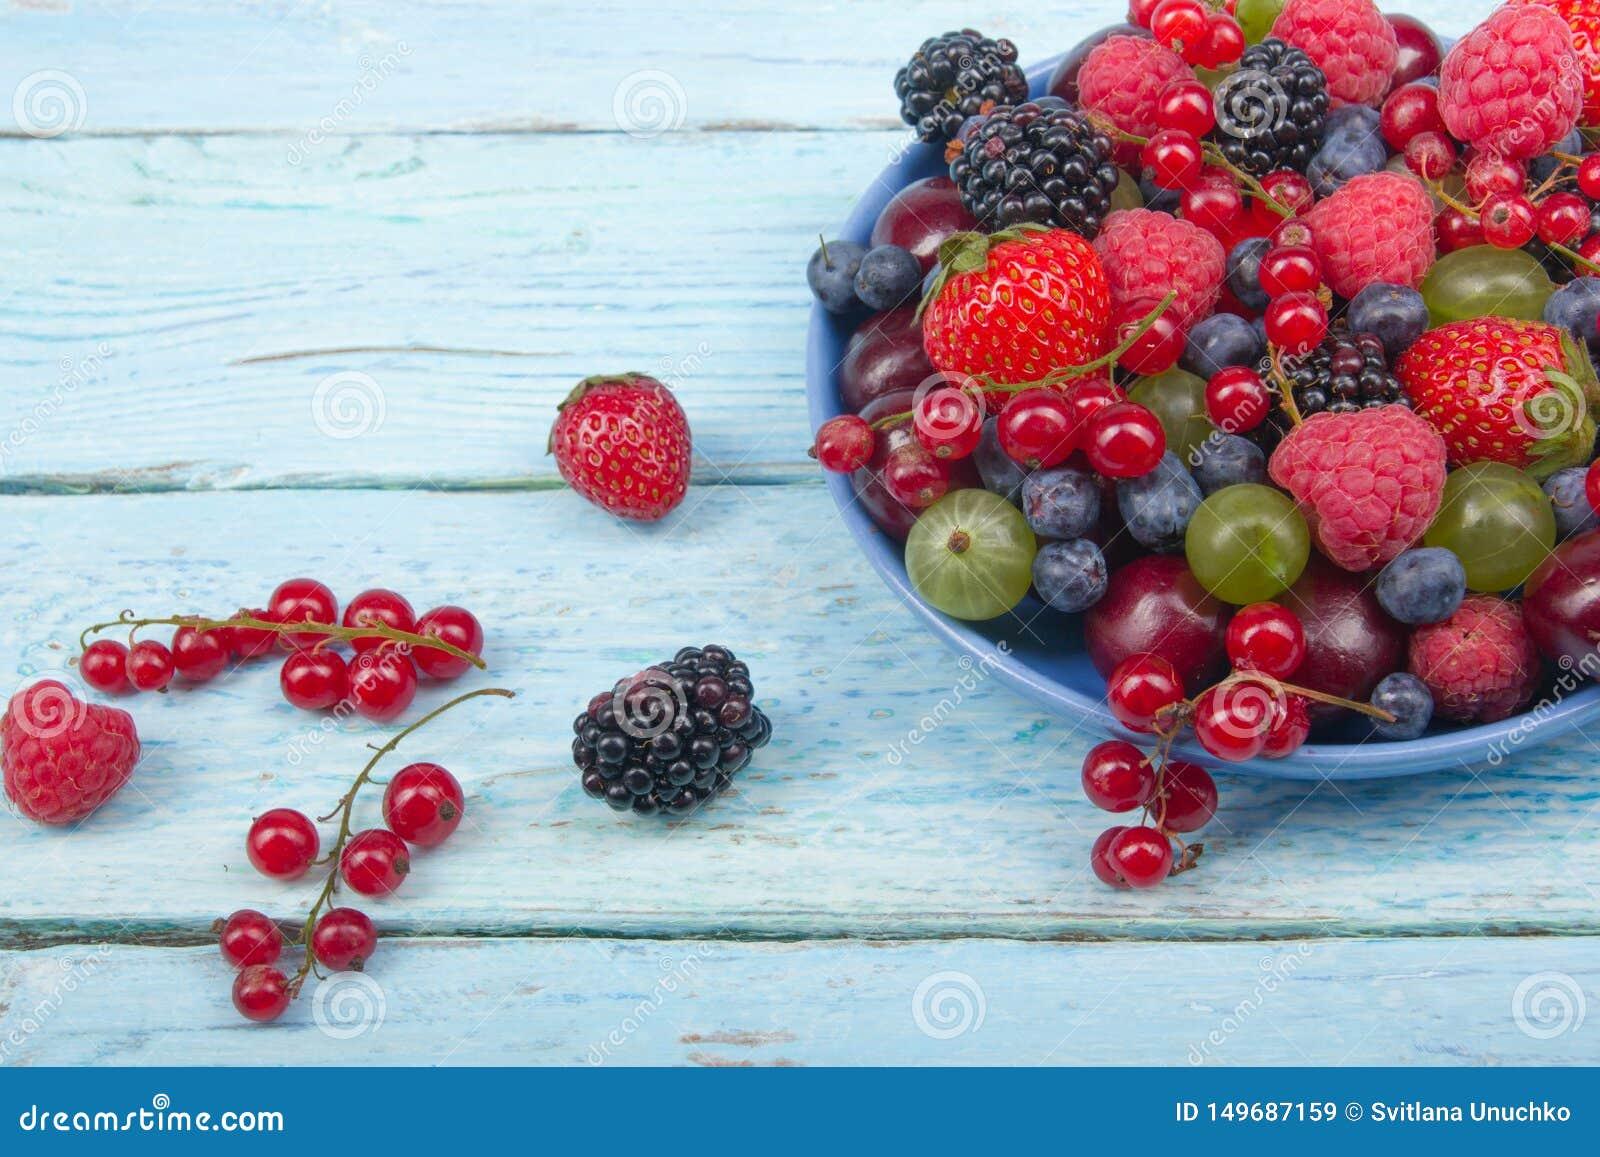 Διάφορα θερινά φρέσκα μούρα σε ένα κύπελλο στον αγροτικό ξύλινο πίνακα Αντιοξειδωτικοοι, detox διατροφή, οργανικά φρούτα